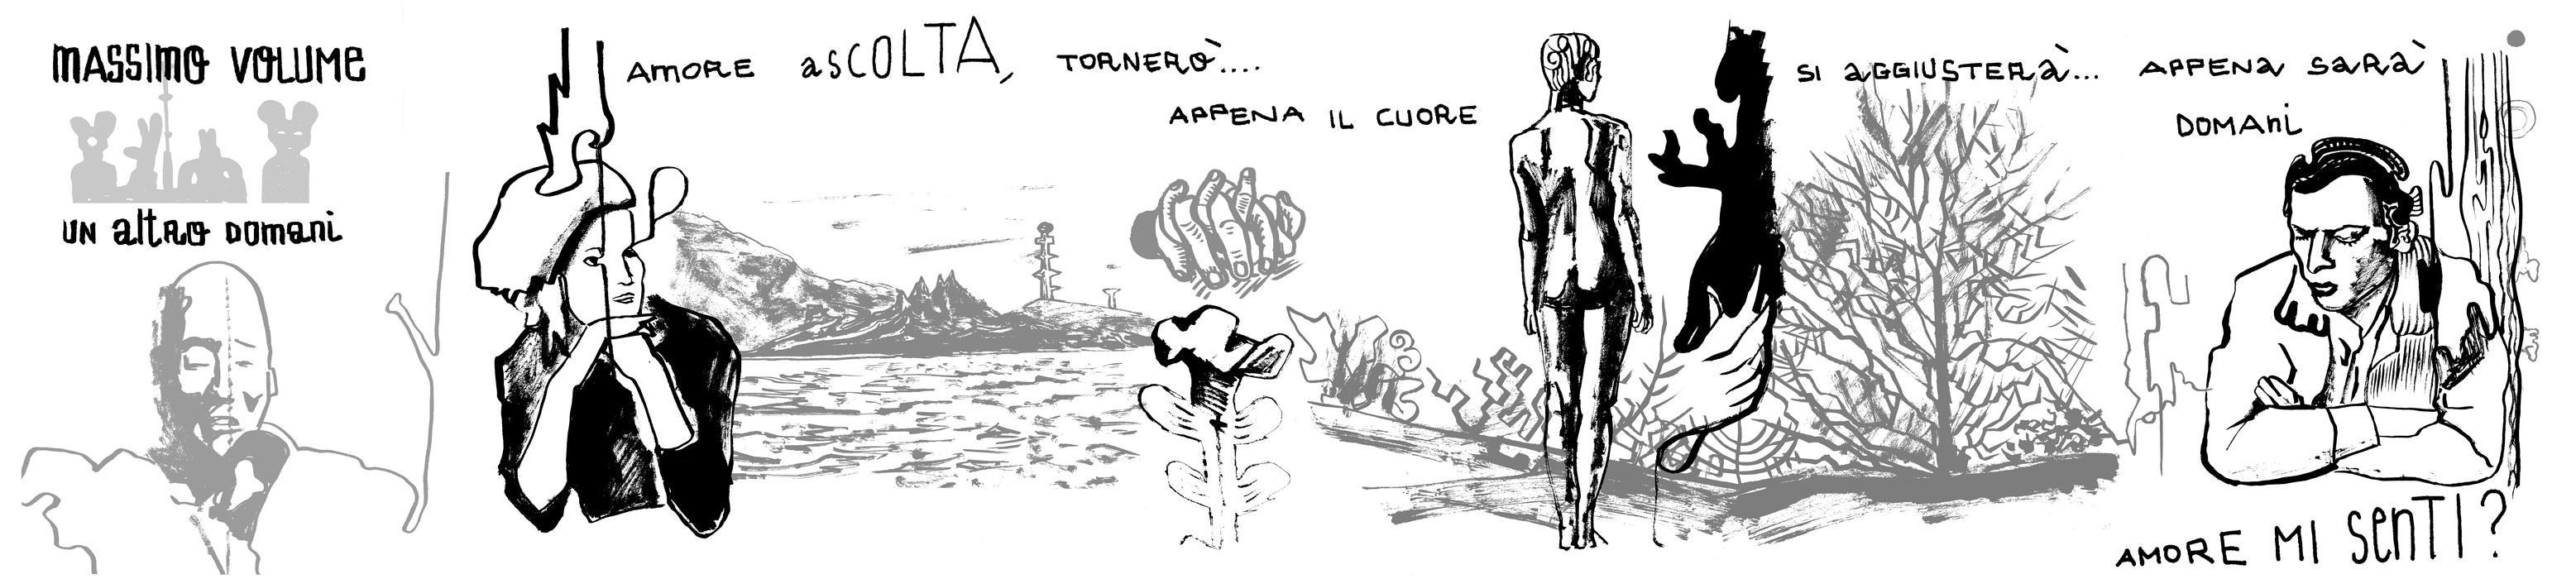 Massimo Volume - Un Altro Domani (Alberto Valgimigli)